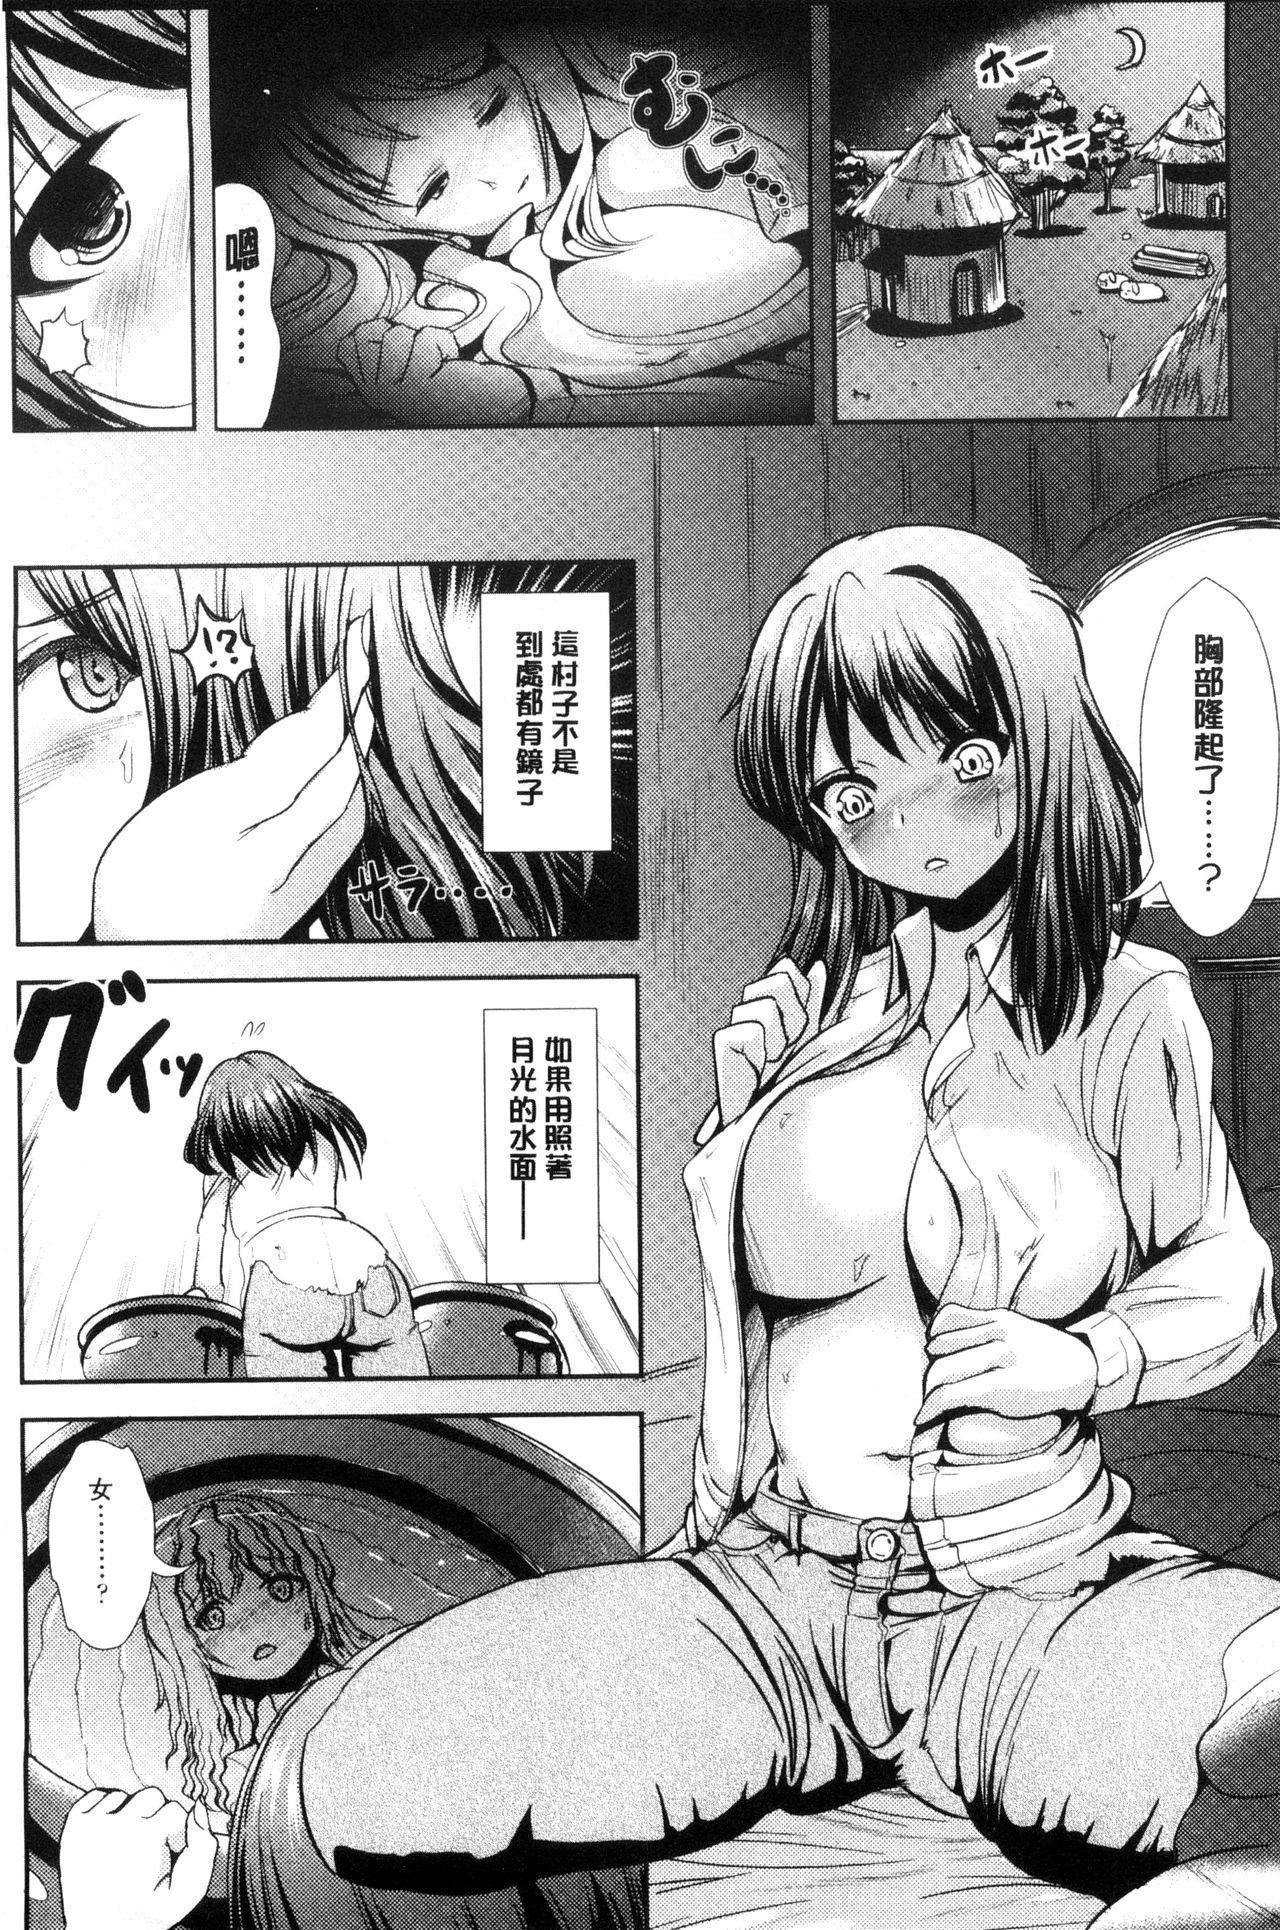 [Marneko] Onnanoko Supple ~Seitenkan Shite Hoken no Jugyou~   女孩子補給品 性轉換之後保健的授業 [Chinese] 83